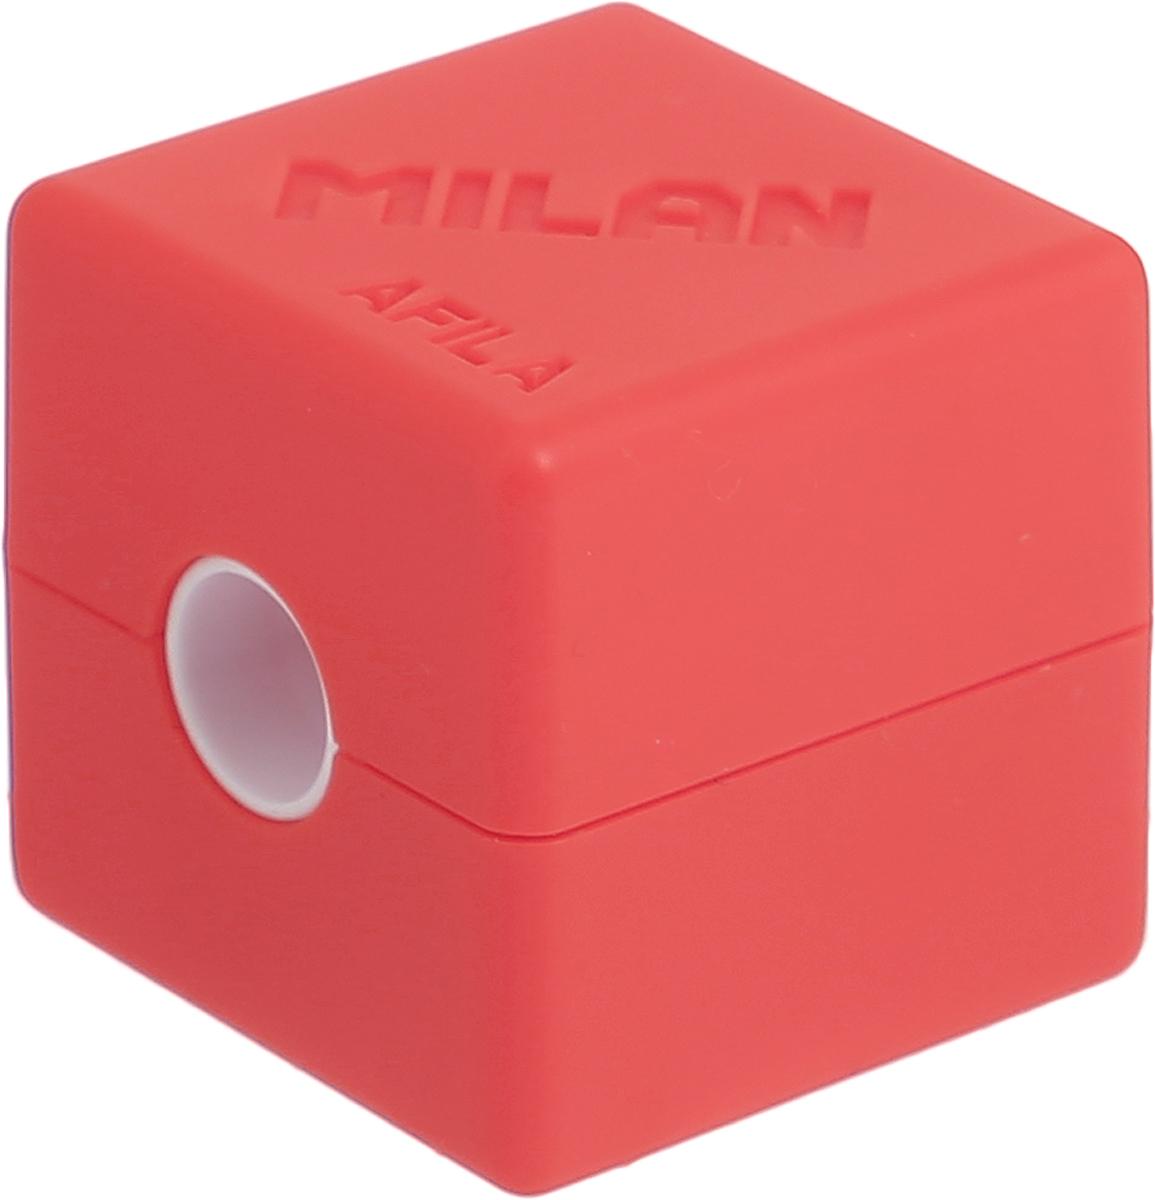 Milan Точилка Cubic с контейнером цвет оранжевый milan точилка 20127240